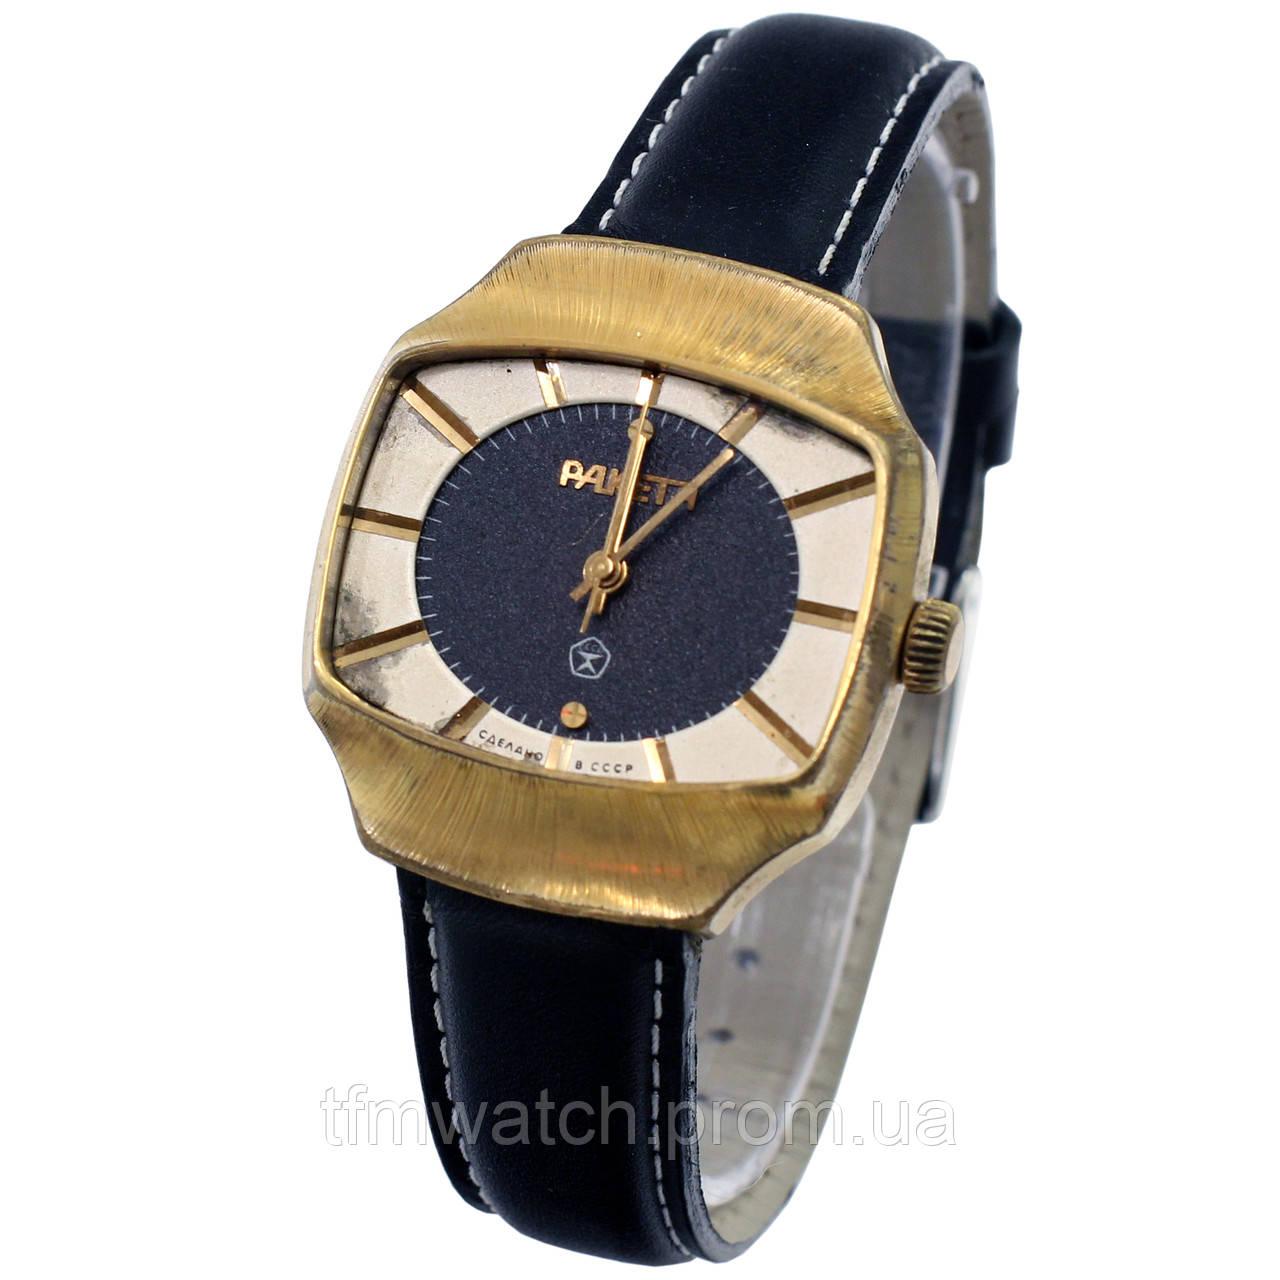 Купить наручные часы ракета в спб купить часы мужские слава в украине